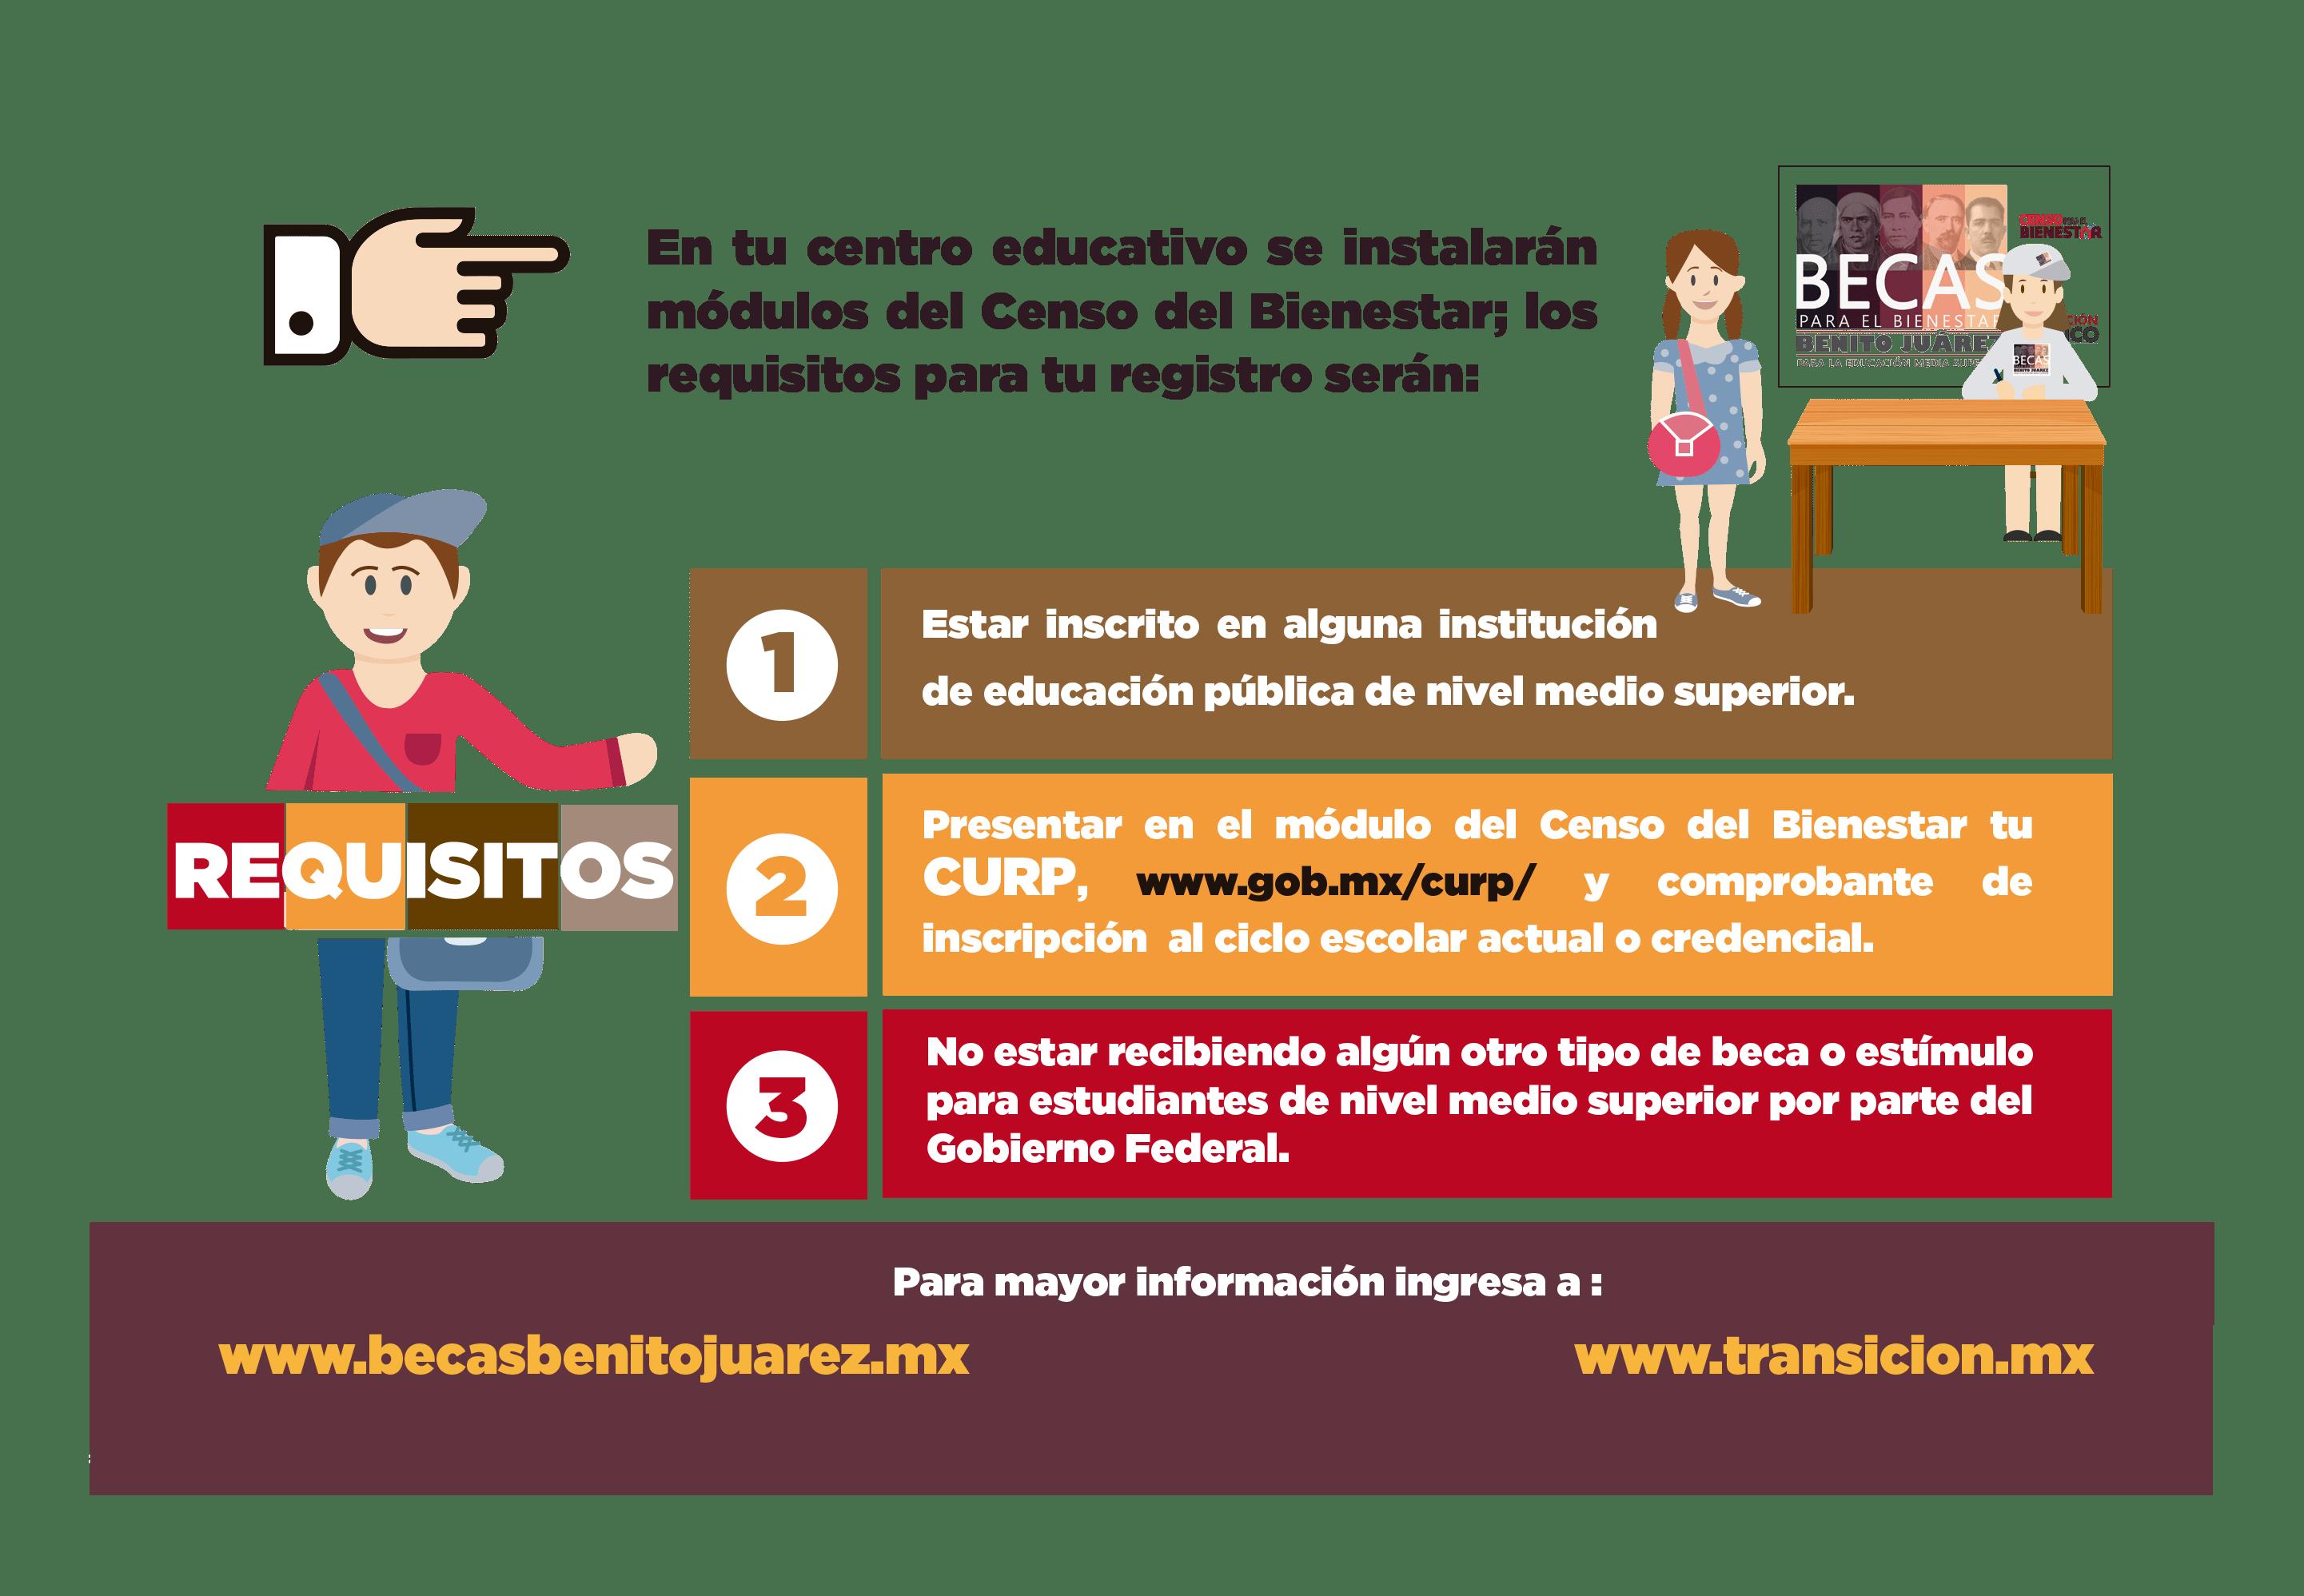 Requisitos para las Becas Benito Juarez publicados por el Gobierno Federal (SEP)